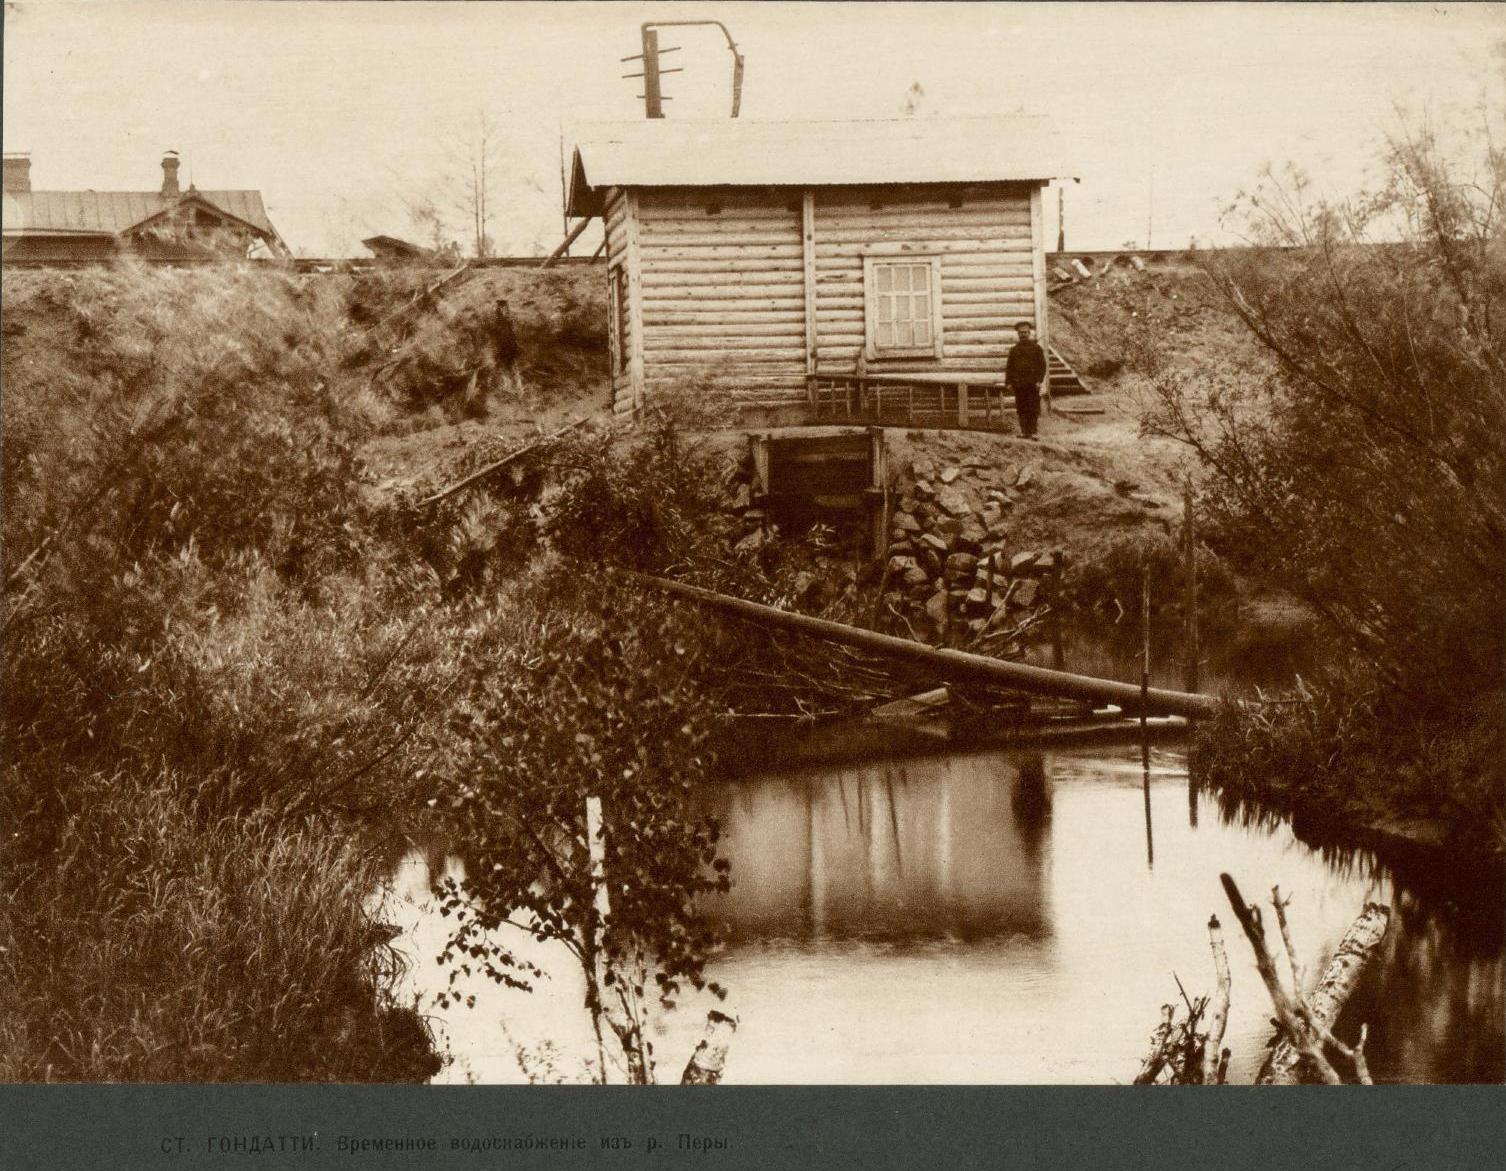 347 верста. Станция Гондатти. Временное водоснабжение из реки Перы